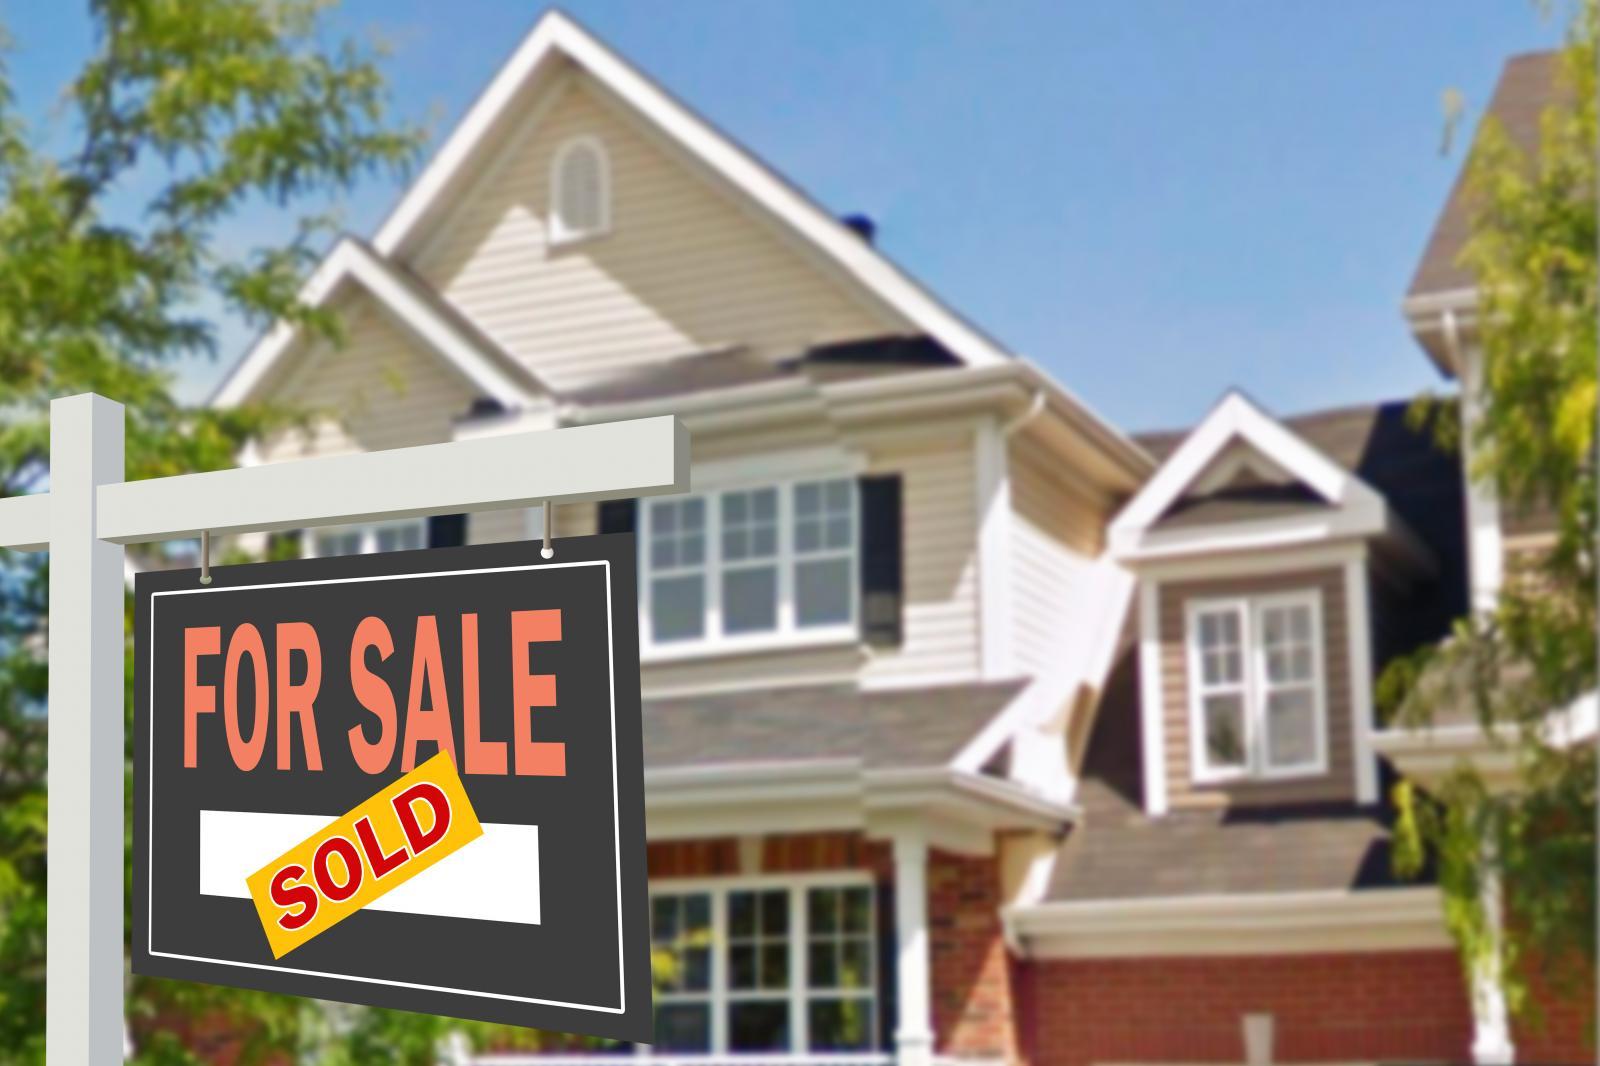 Kinh nghiệm bán nhà đang ở trước khi mua nhà mới